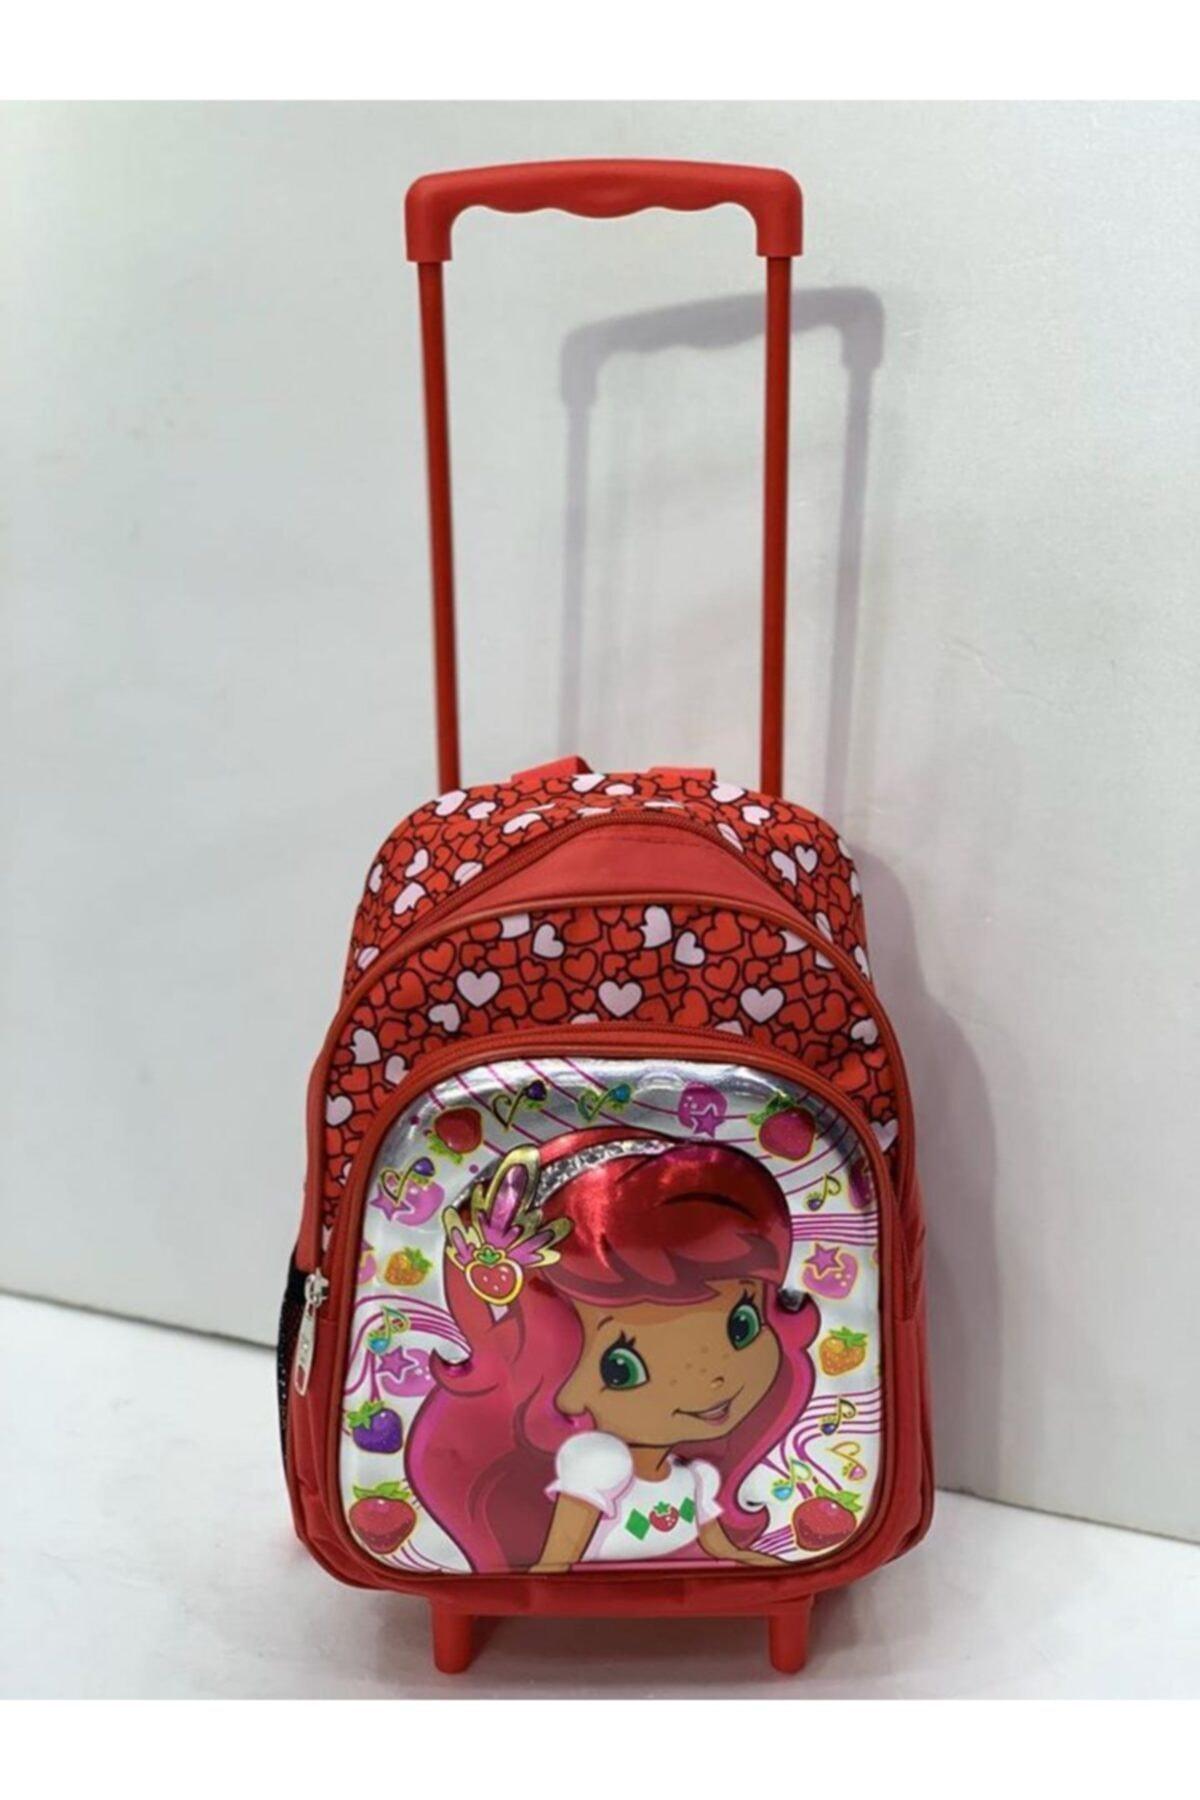 Vk&Vk Anaokulu Çekçekli Çanta Çilek Kız Çekçeği Ayrılabilen 2 Gözlü 1